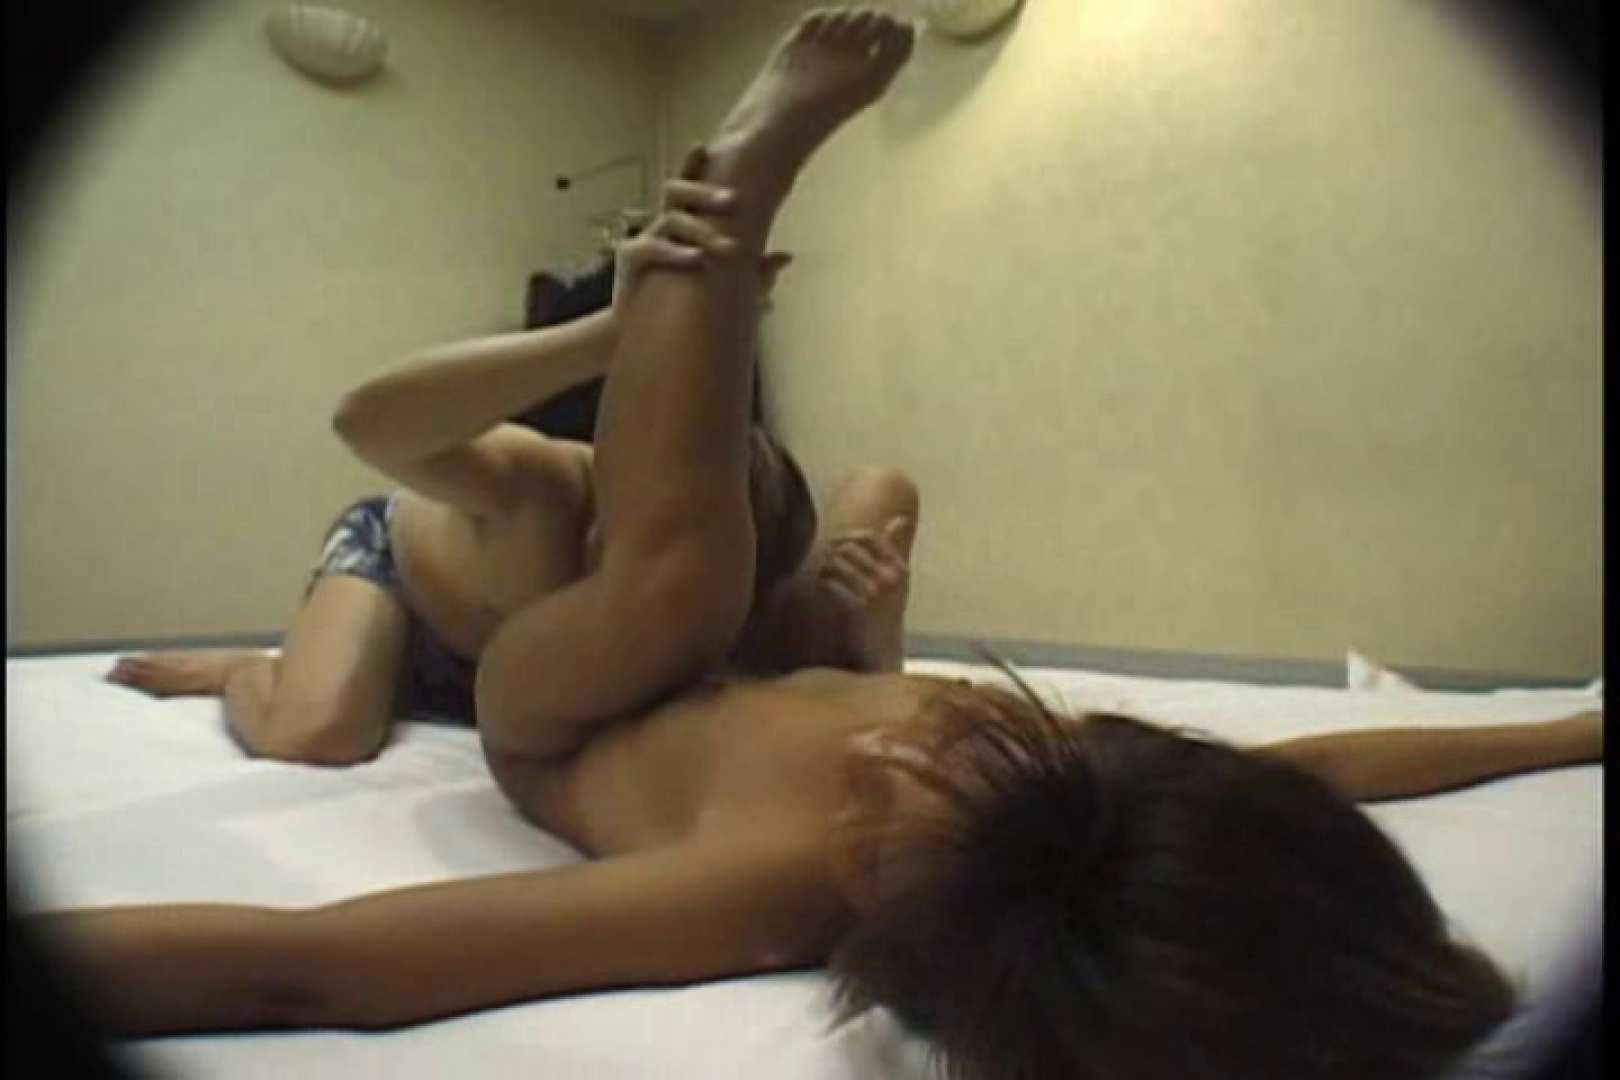 素人嬢126人のハメ撮り 水嶋 素人ギャル女 セックス画像 63連発 59